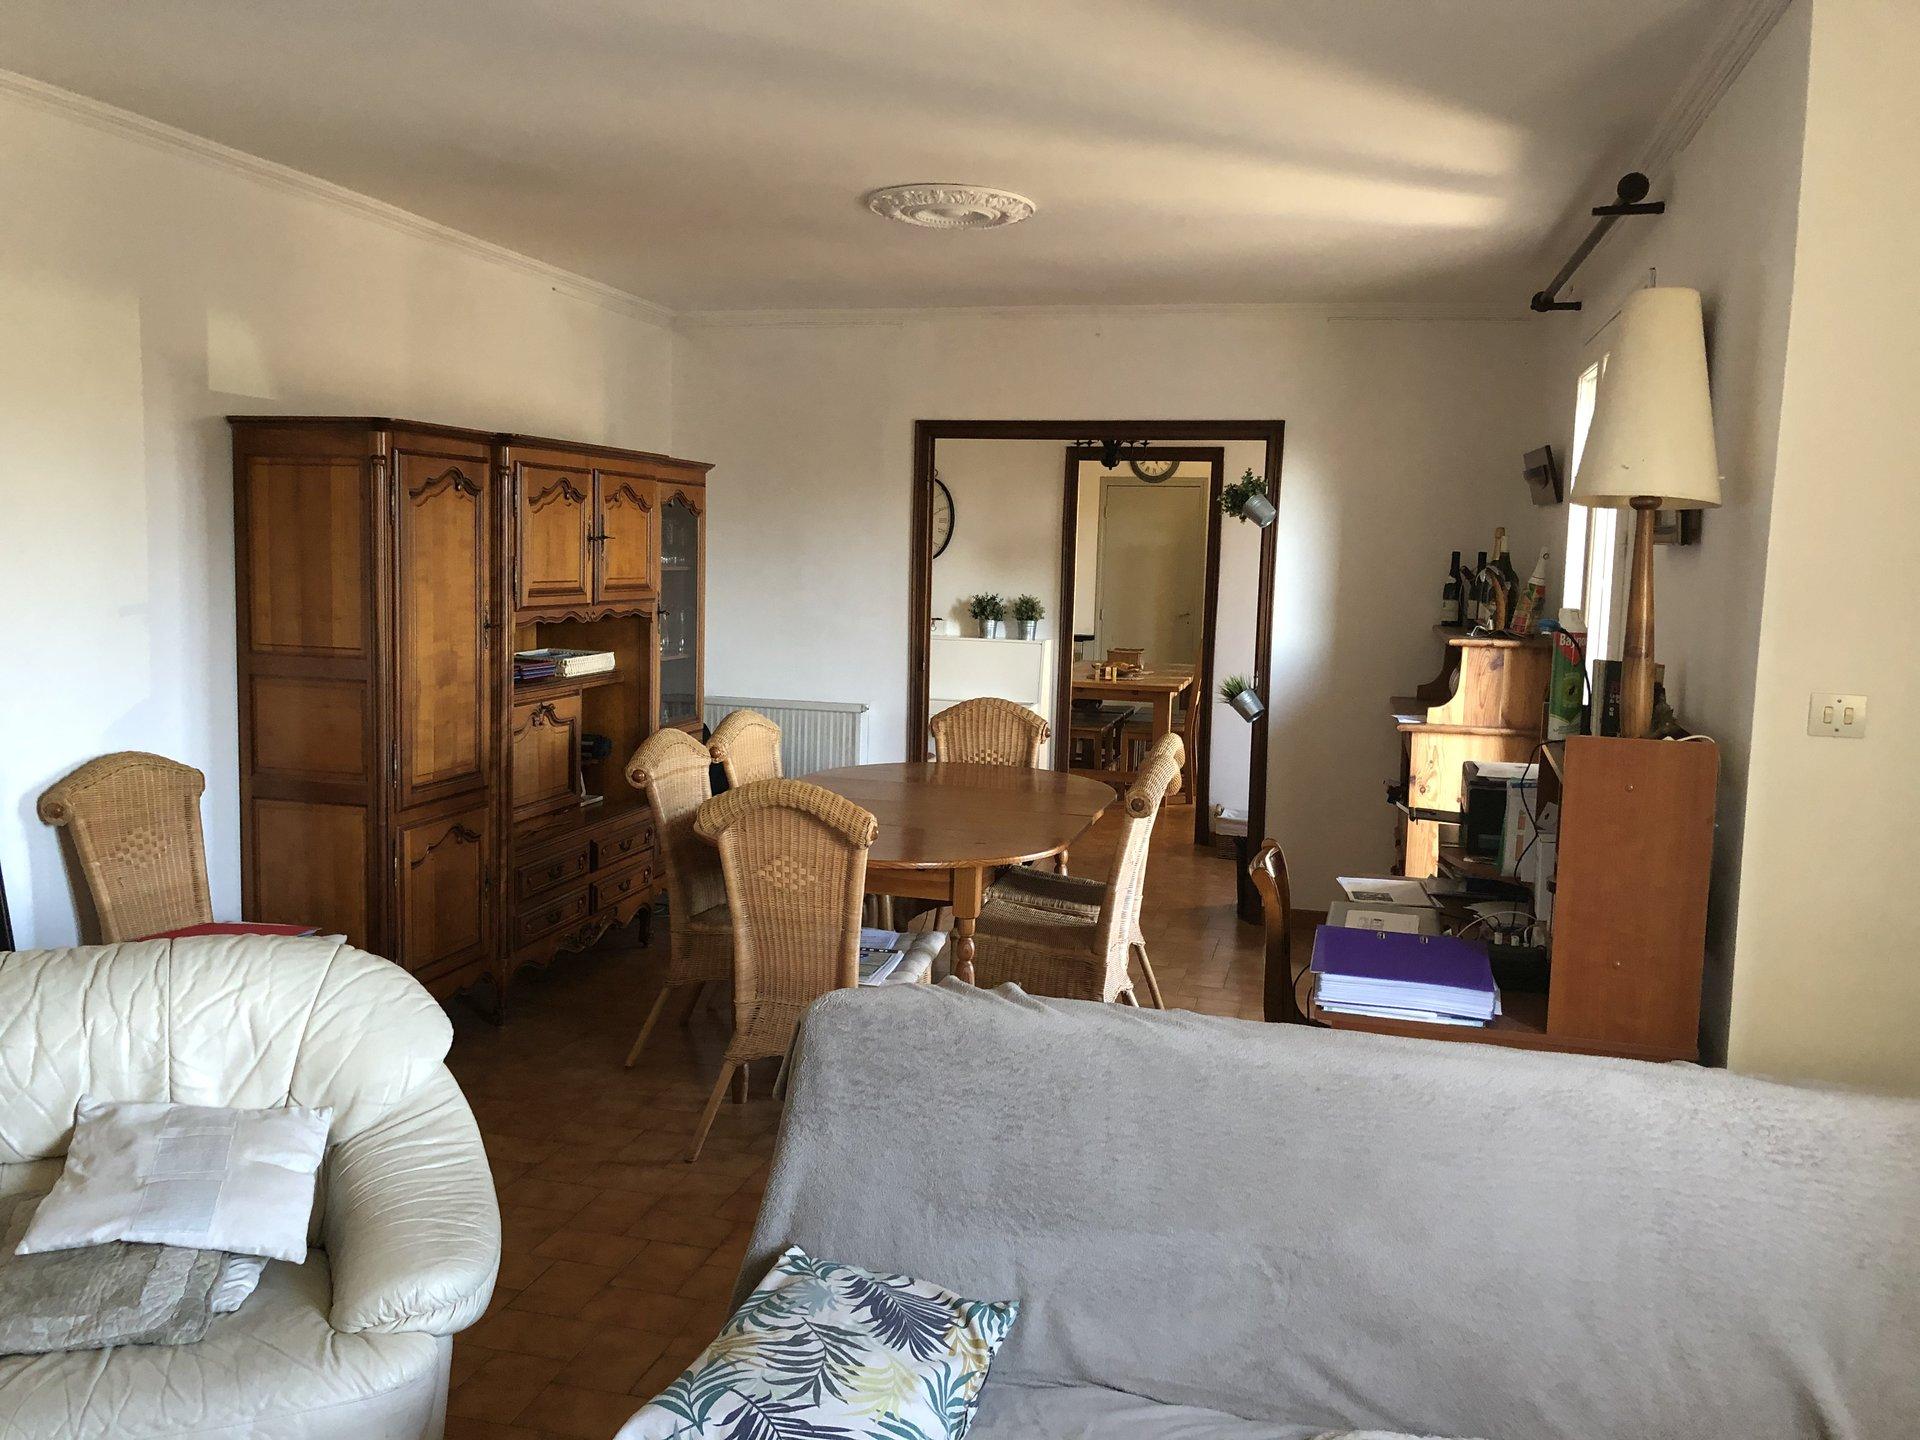 Vente Villa - Entraigues-sur-la-Sorgue